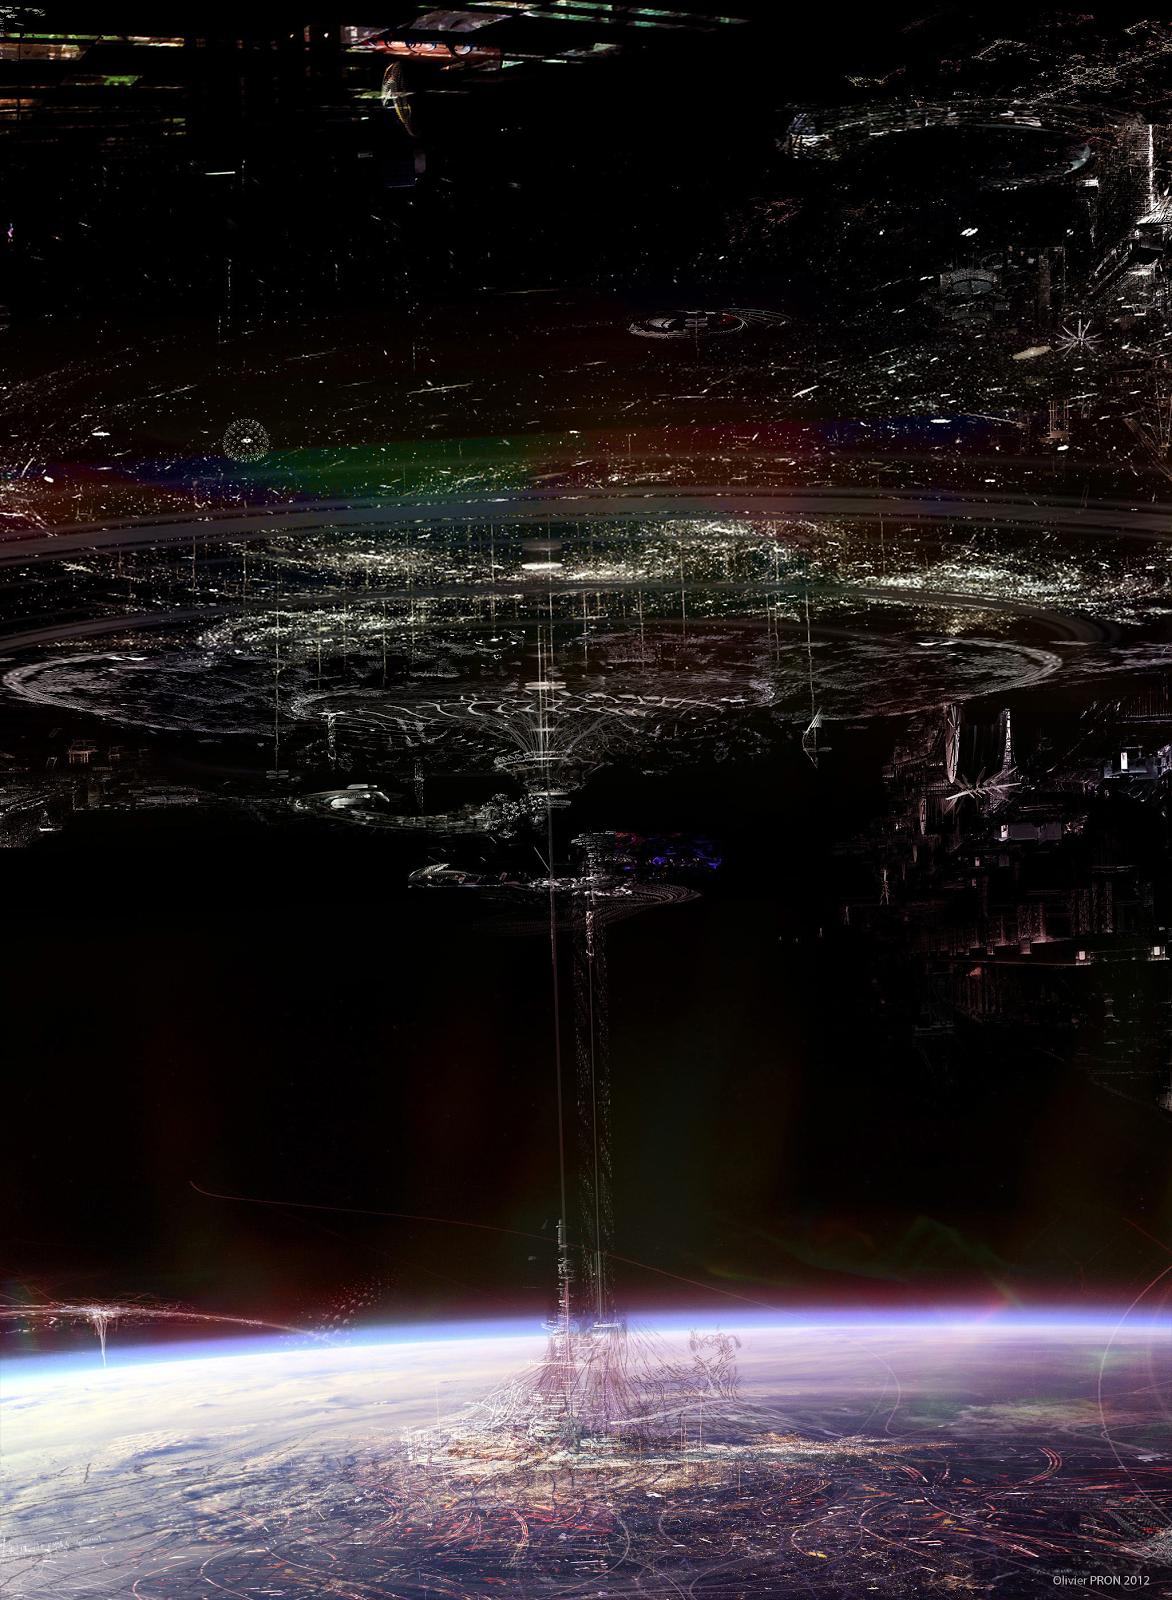 Jupiter Ascending Concept Art by Olivier Pron